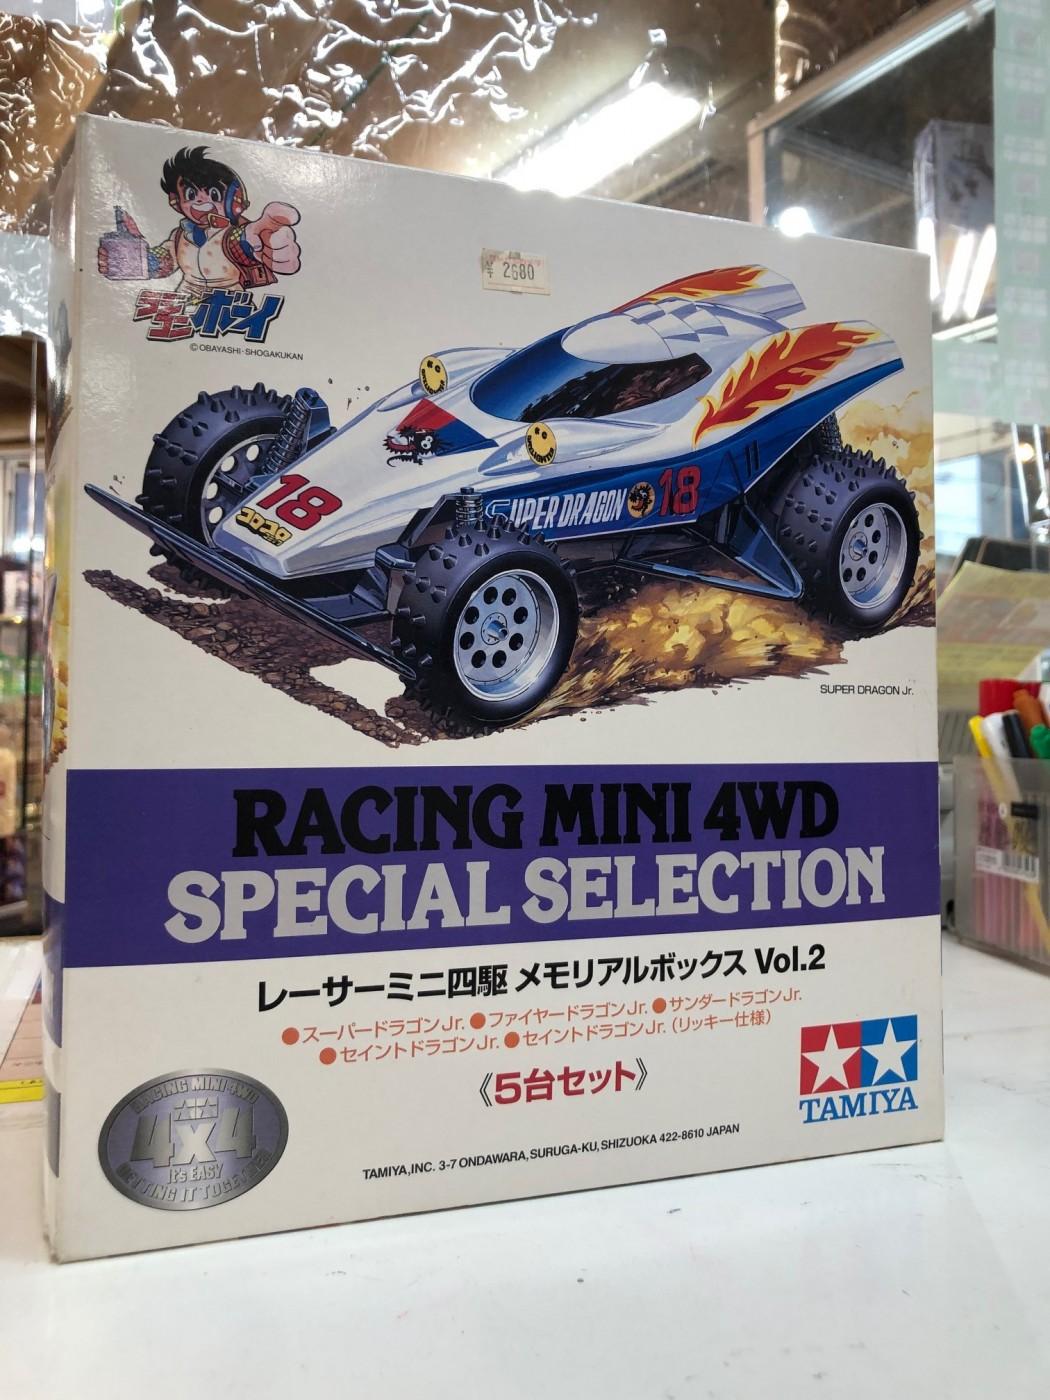 買取情報『 タミヤのレーサーミニ四駆 メモリアルボックス Vol.2』